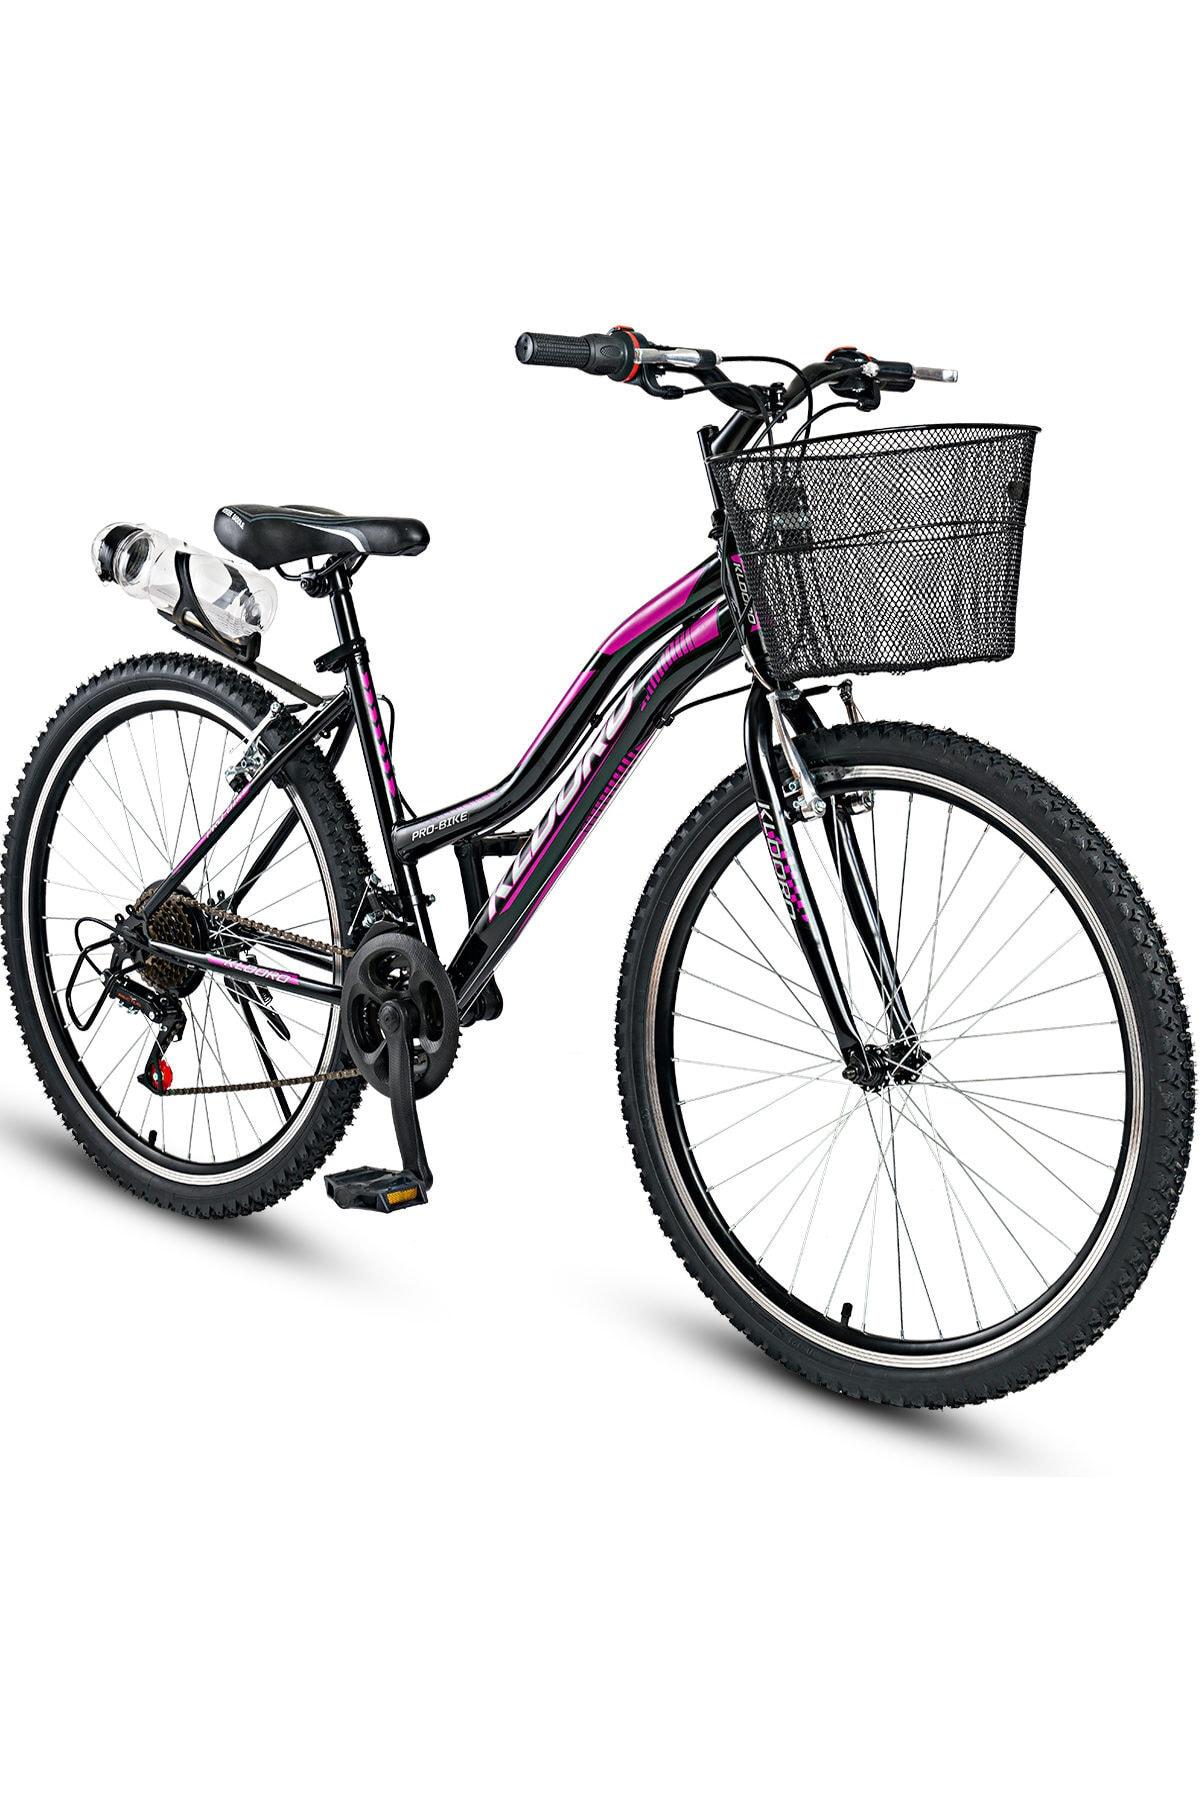 Kd-025 Spor 26 Jant Bisiklet 21 Vites Kız Dağ Bisikleti